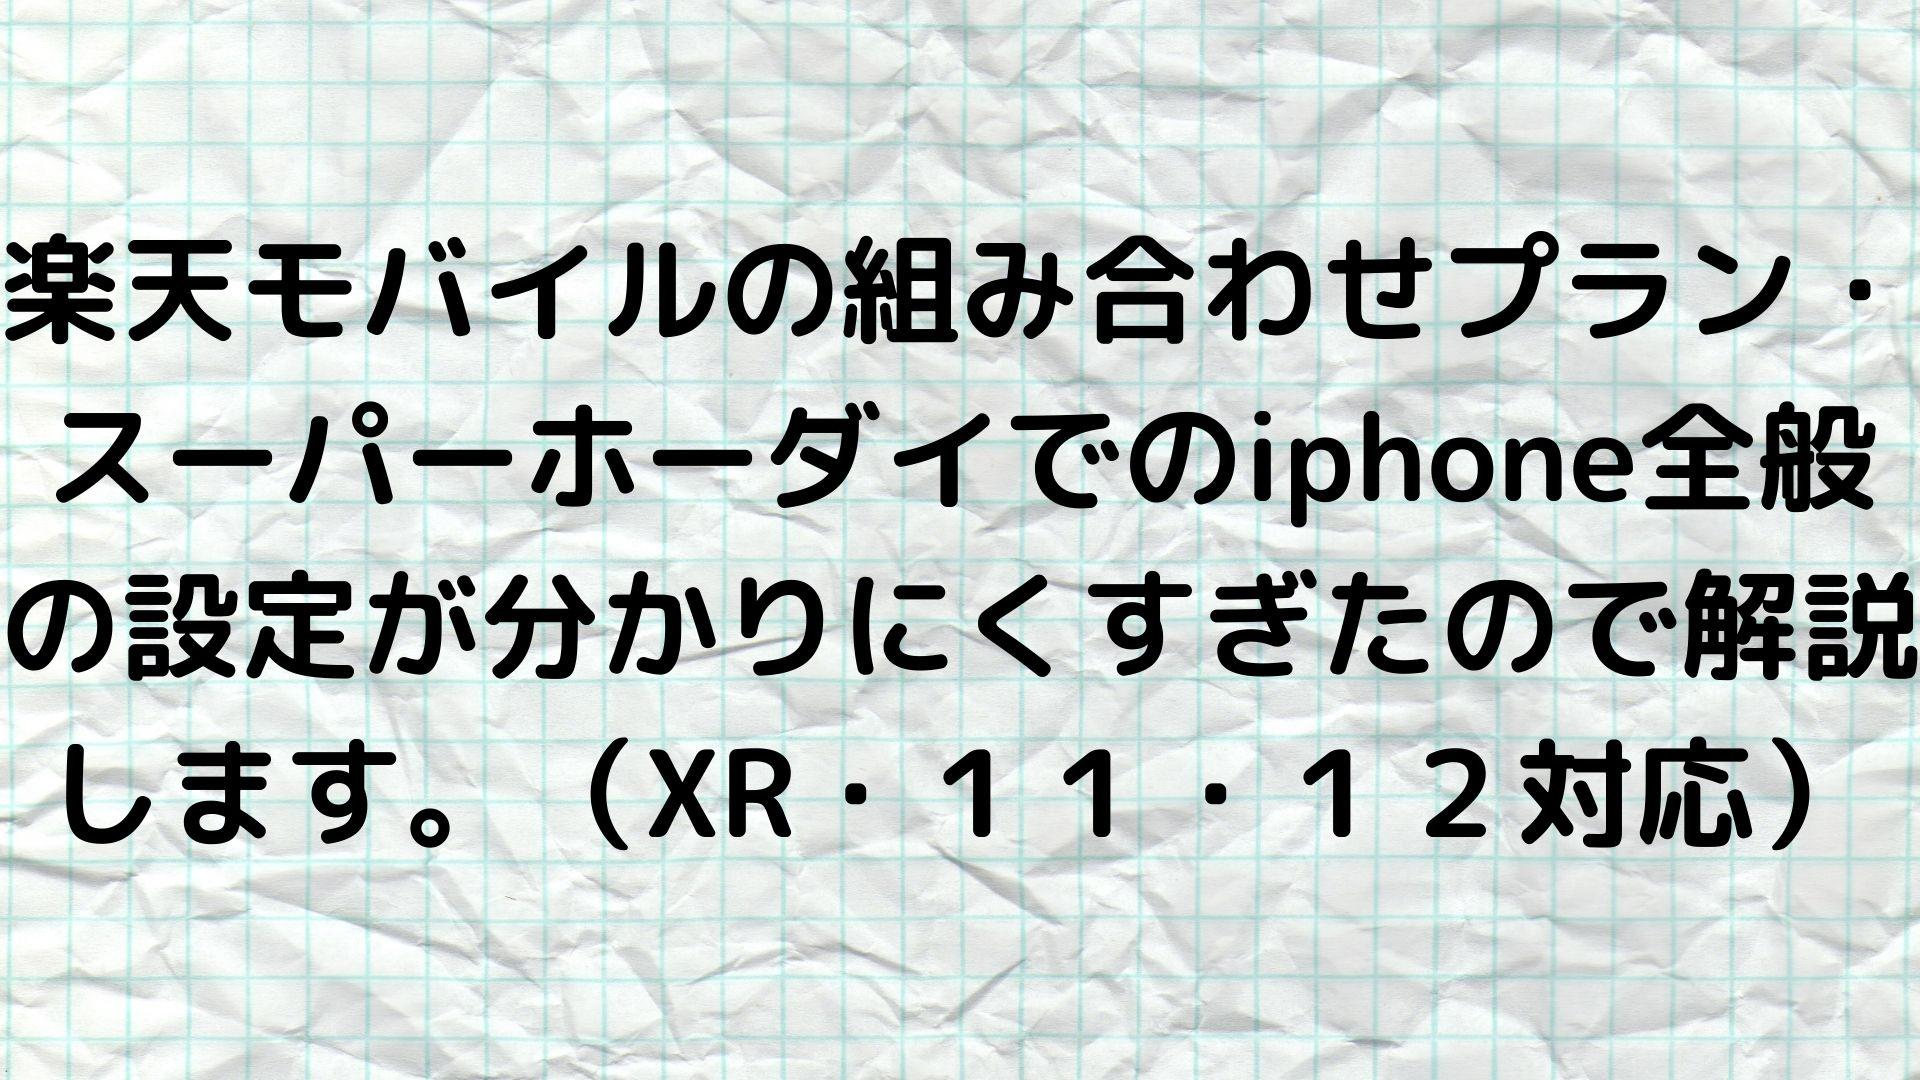 楽天モバイルの組み合わせプラン・スーパーホーダイでのiphone全般の設定が分かりにくく繋がらないので解説します。(XR・11・12対応)